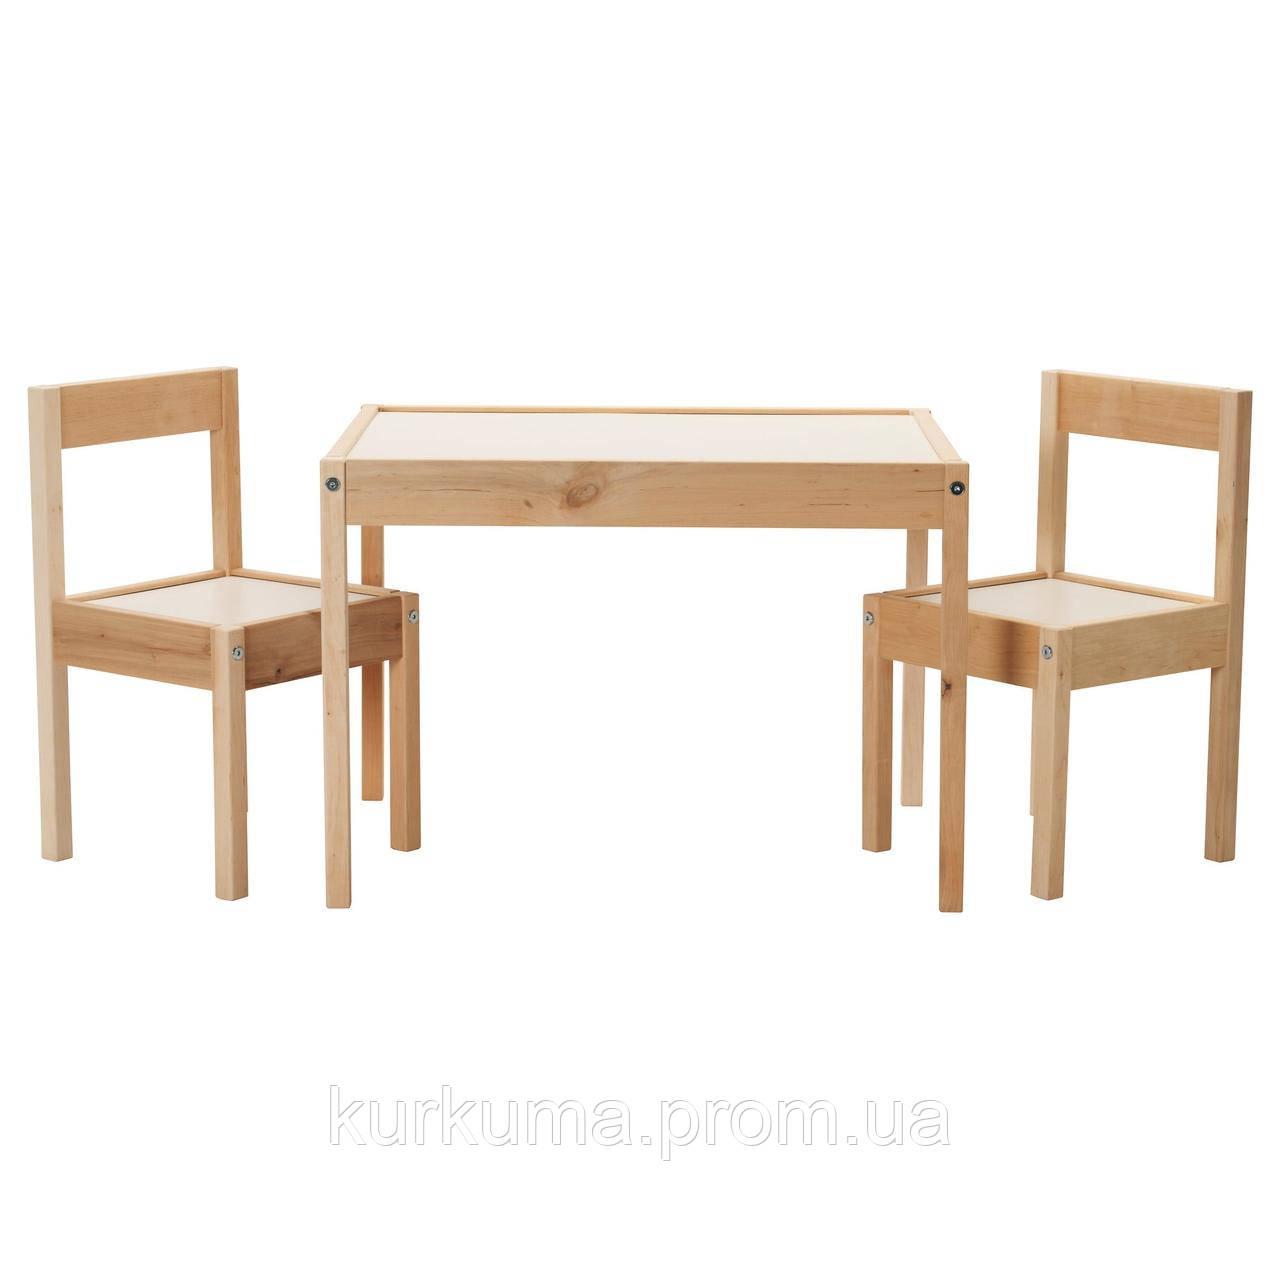 IKEA LATT Детский стол и 2 стула, белый, сосна  (501.784.11)